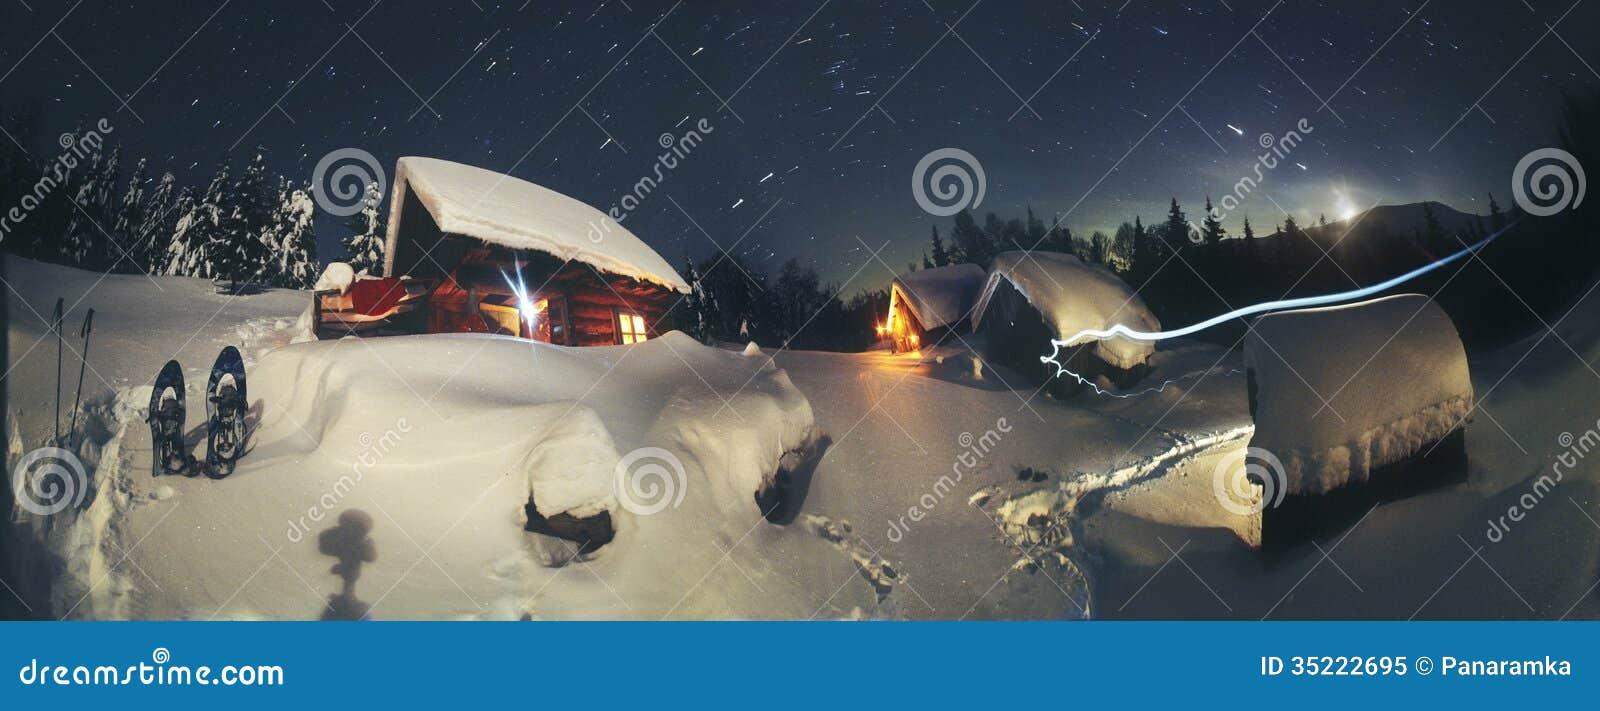 Ιστορία Χριστουγέννων για τους ορειβάτες